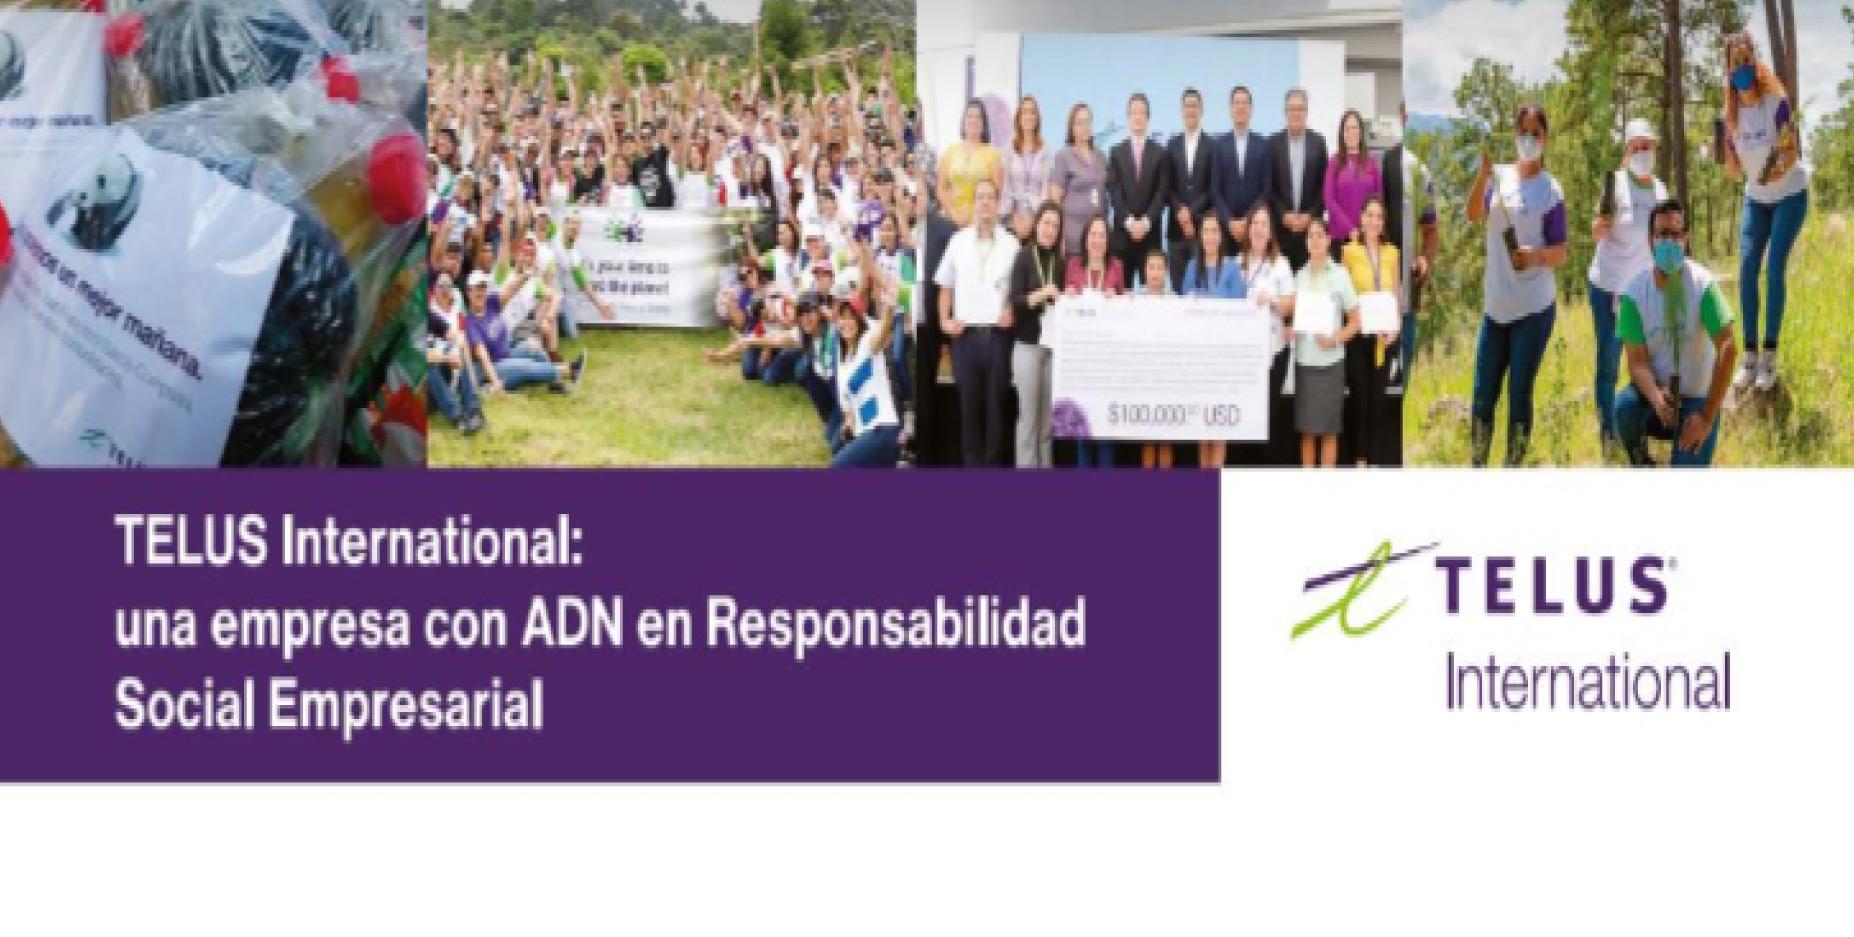 TELUS International es reconocido por Forbes Centroamérica